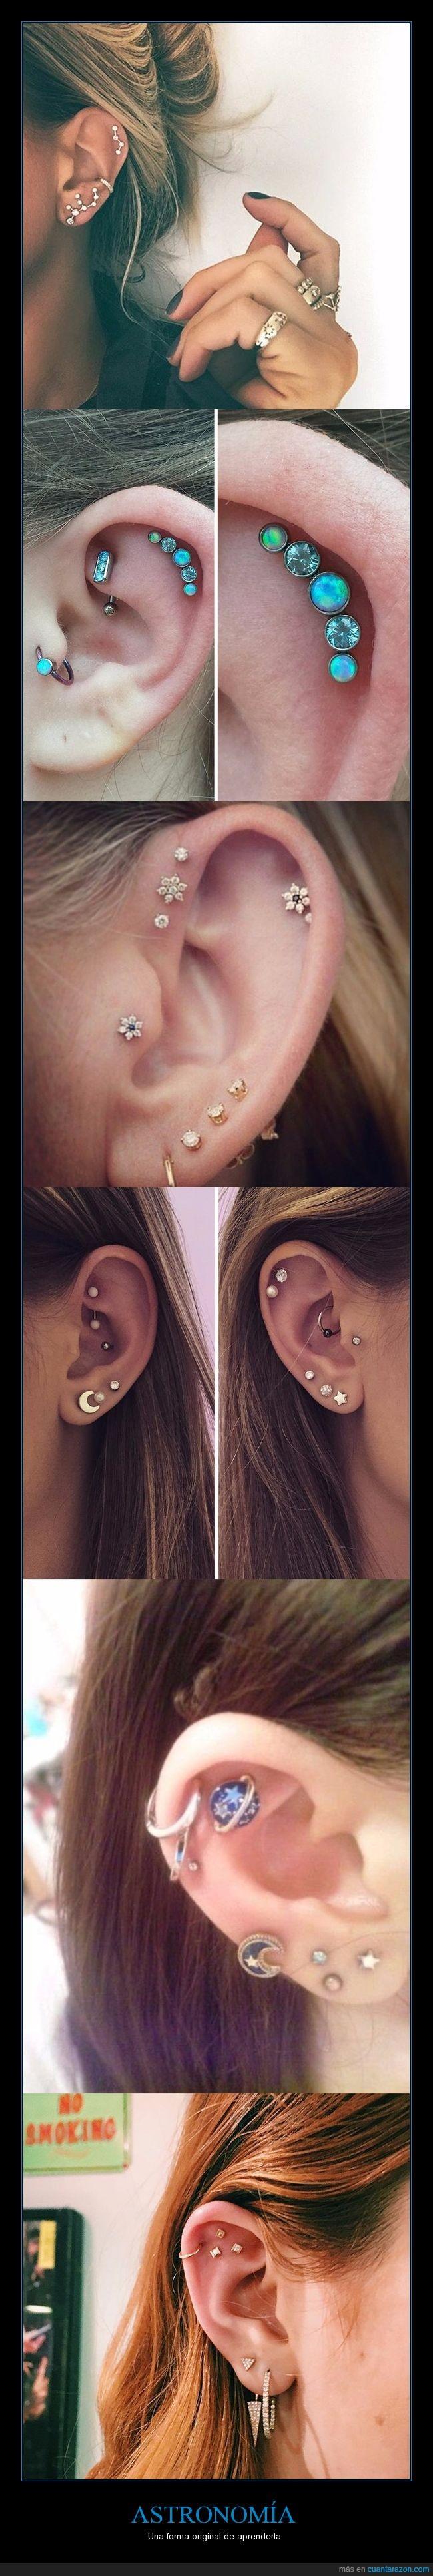 constelaciones,orejas,piercings